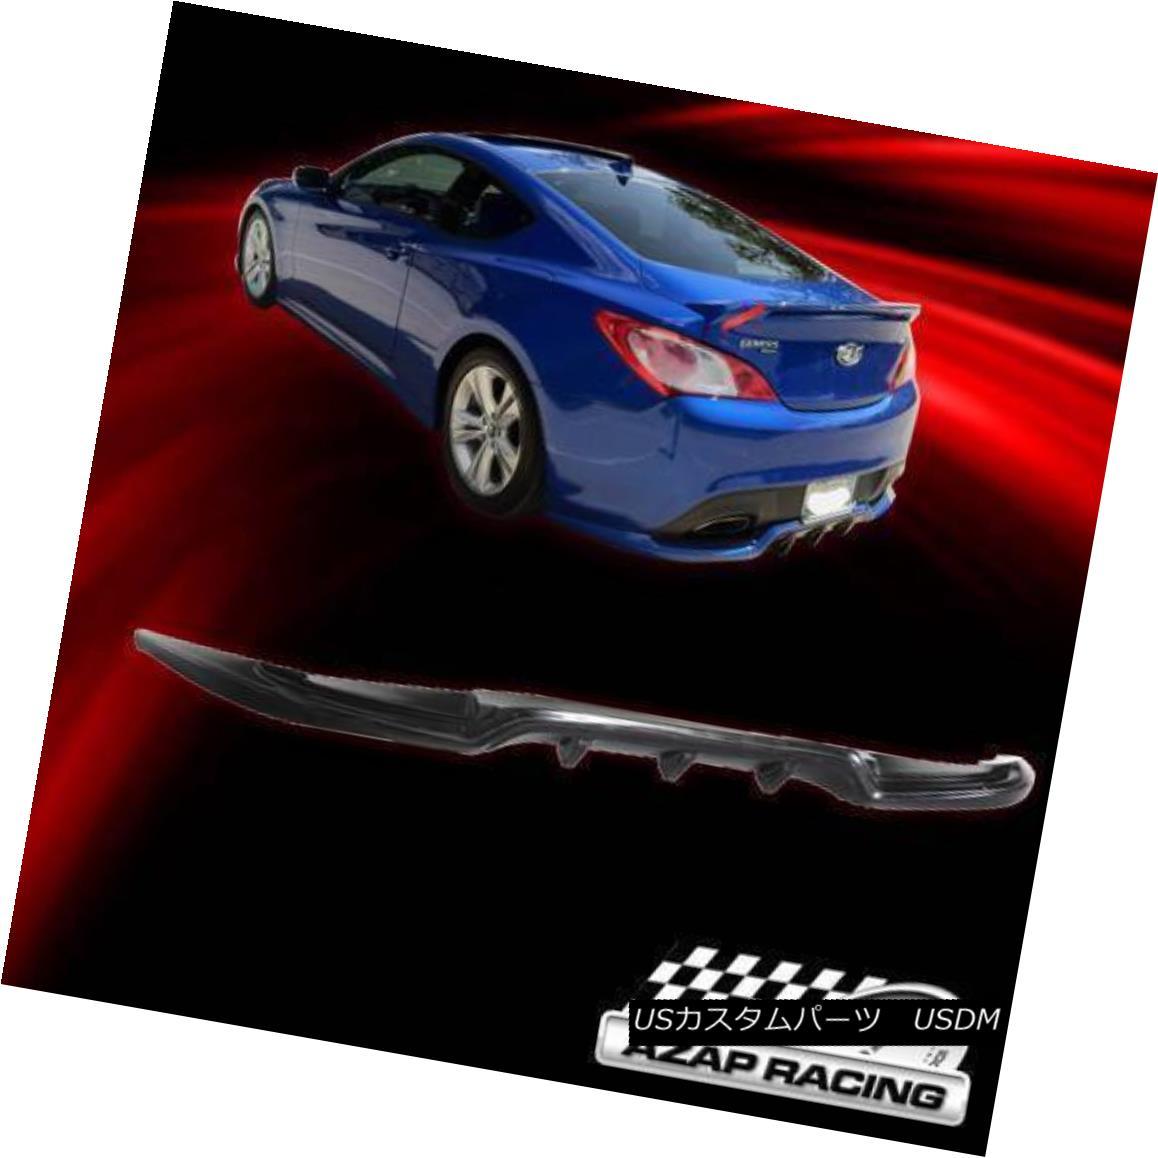 エアロパーツ 2010 11 12 Sport Style Poly Urethane Rear Bumper Lip Fits Hyundai Genesis Coupe 2010 11 12スポーツスタイルポリウレタンリアバンパーリップフィックス現代ジェネシスクーペ